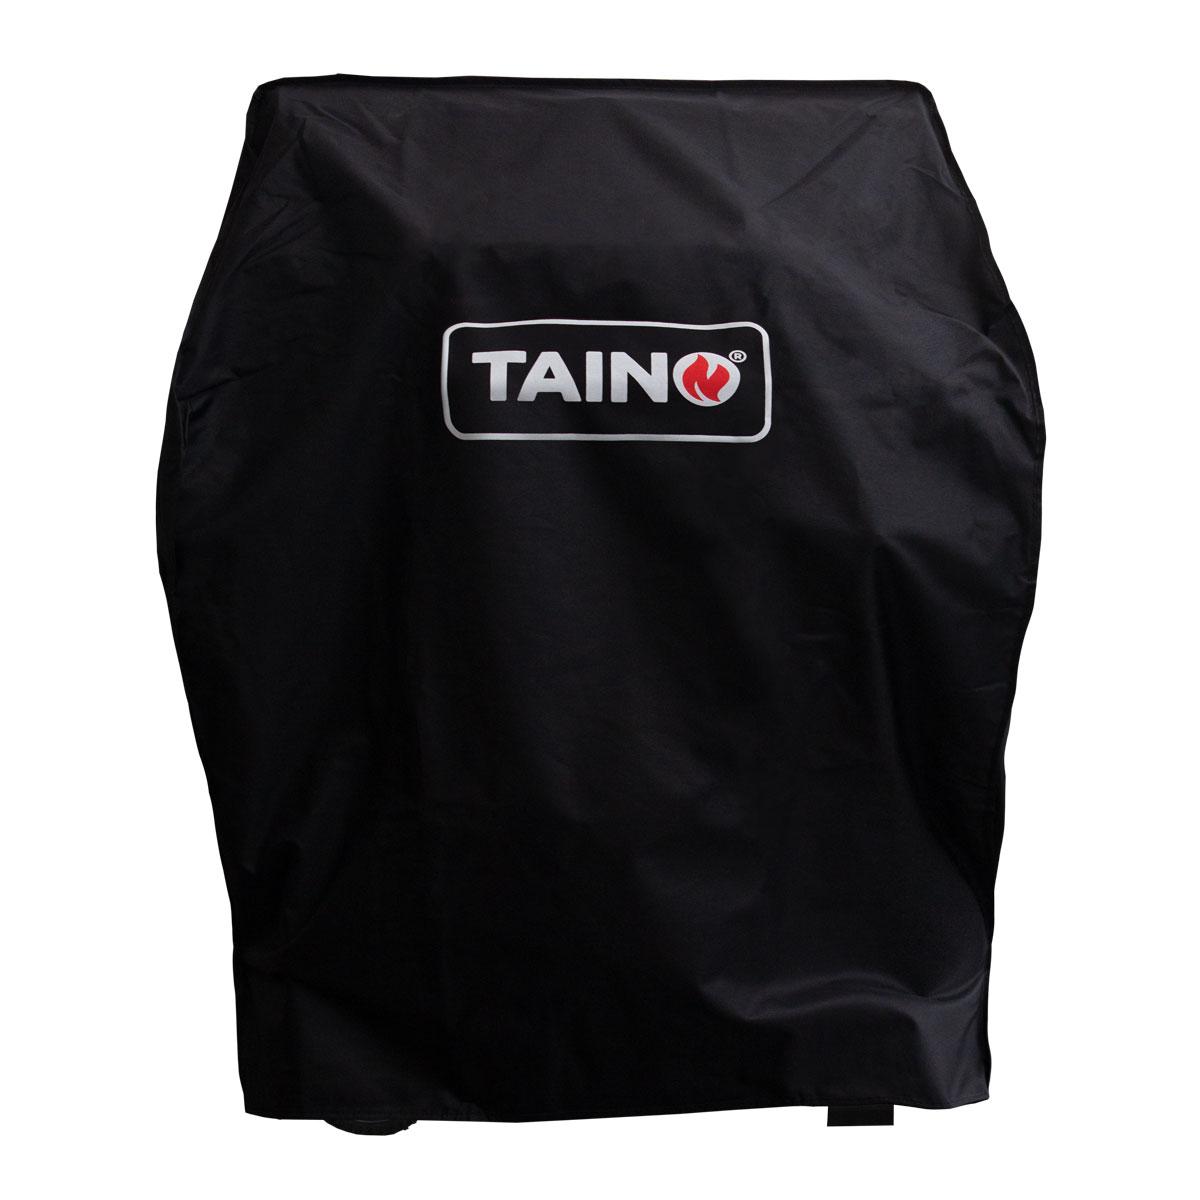 99991 TAINO COMPACT Abdeckung Gasgrill Abdeckhaube